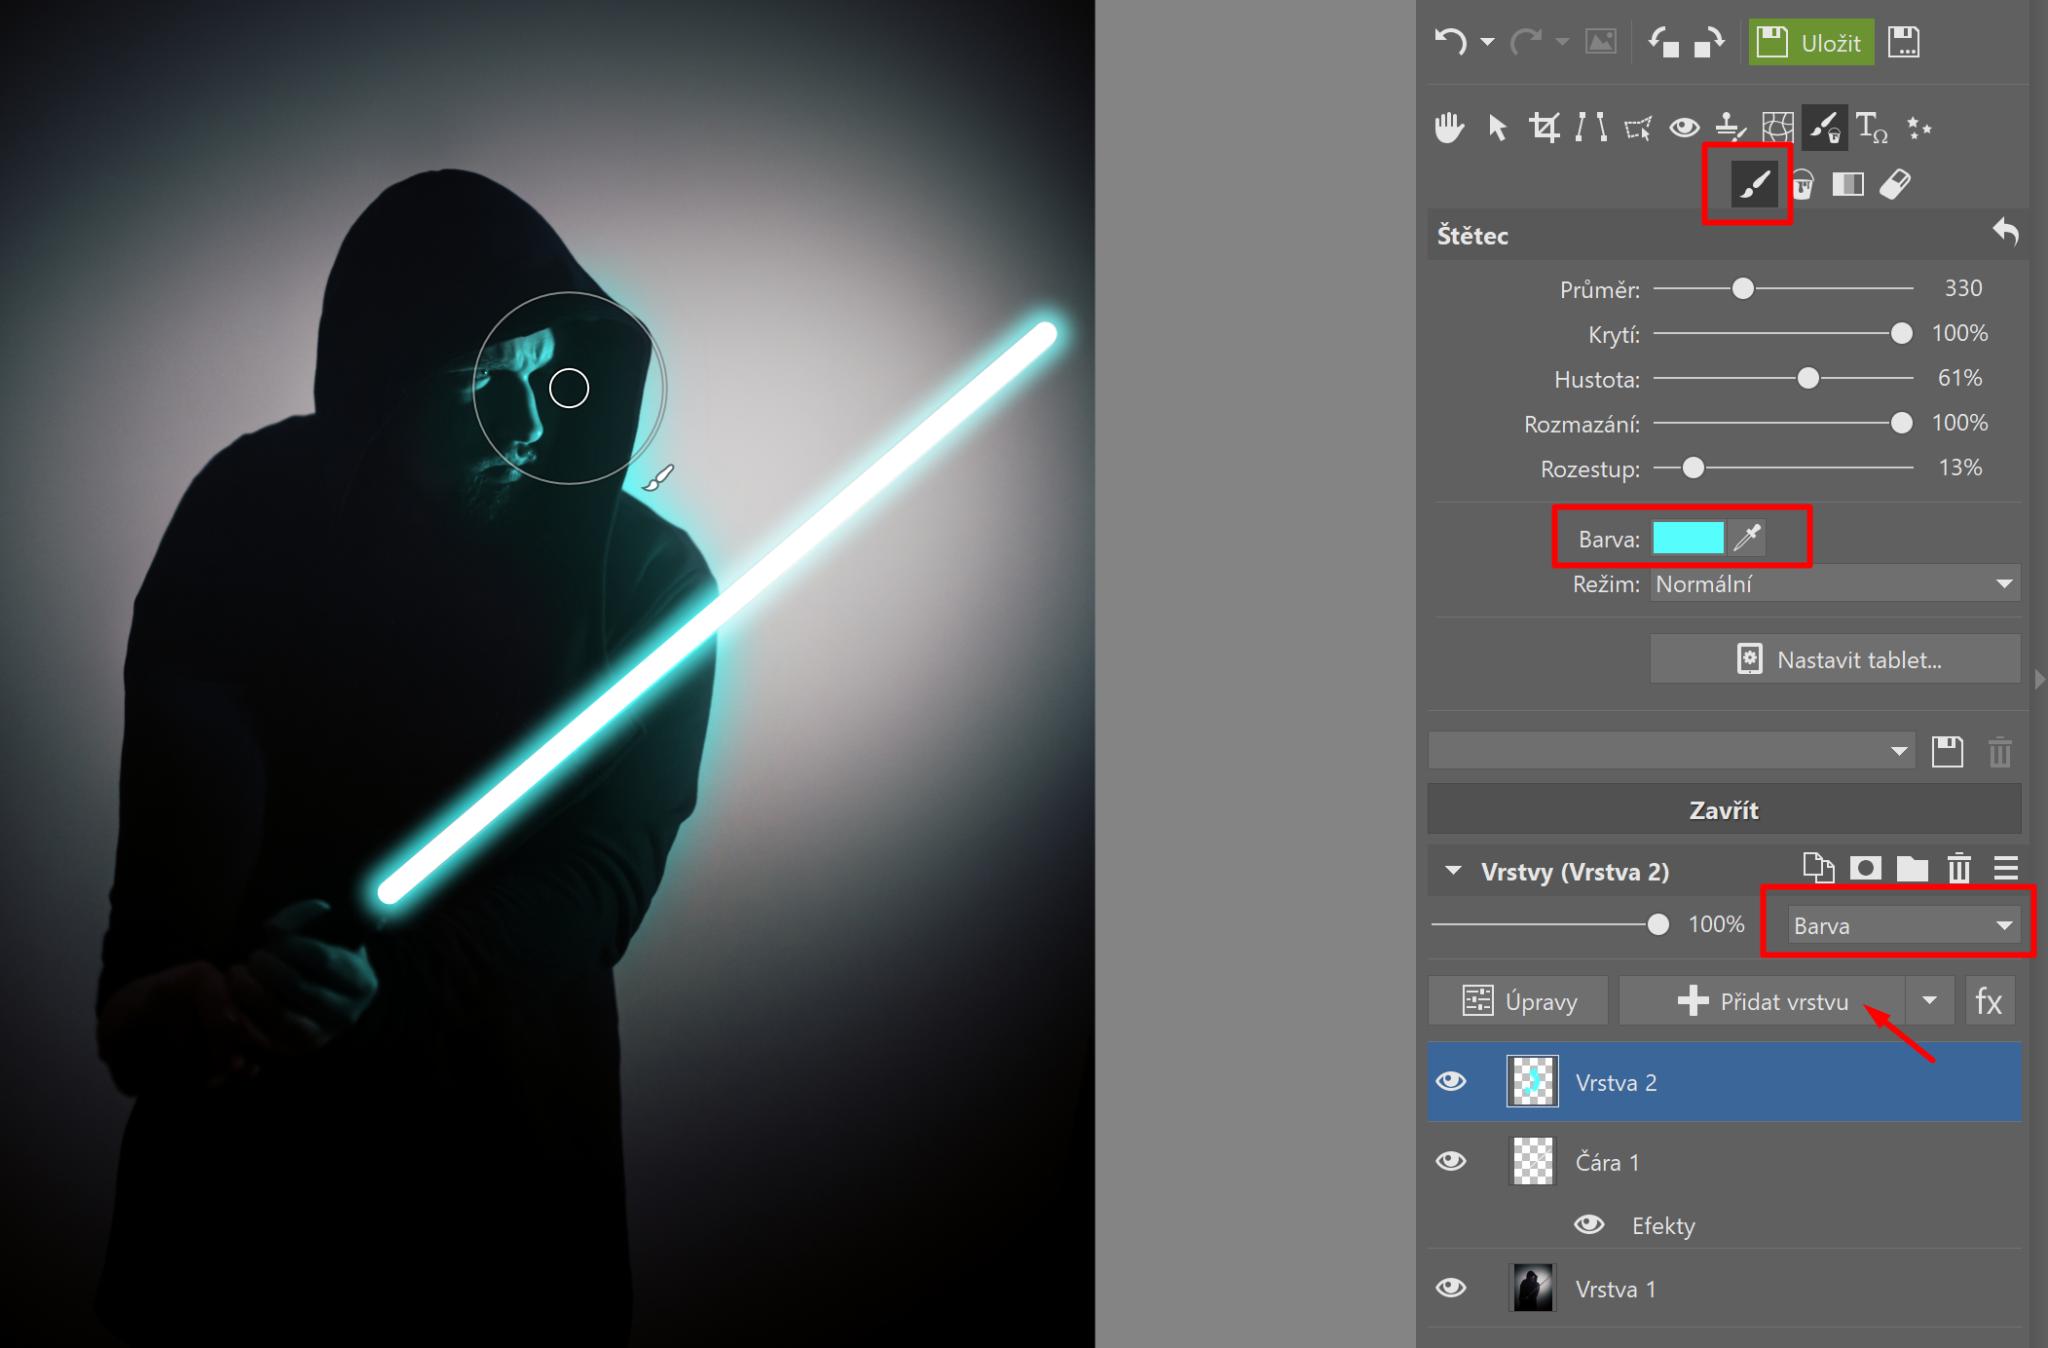 Star Wars speciál: přidejte si do fotky světelný meč - doplnění světla, které vrhá meč